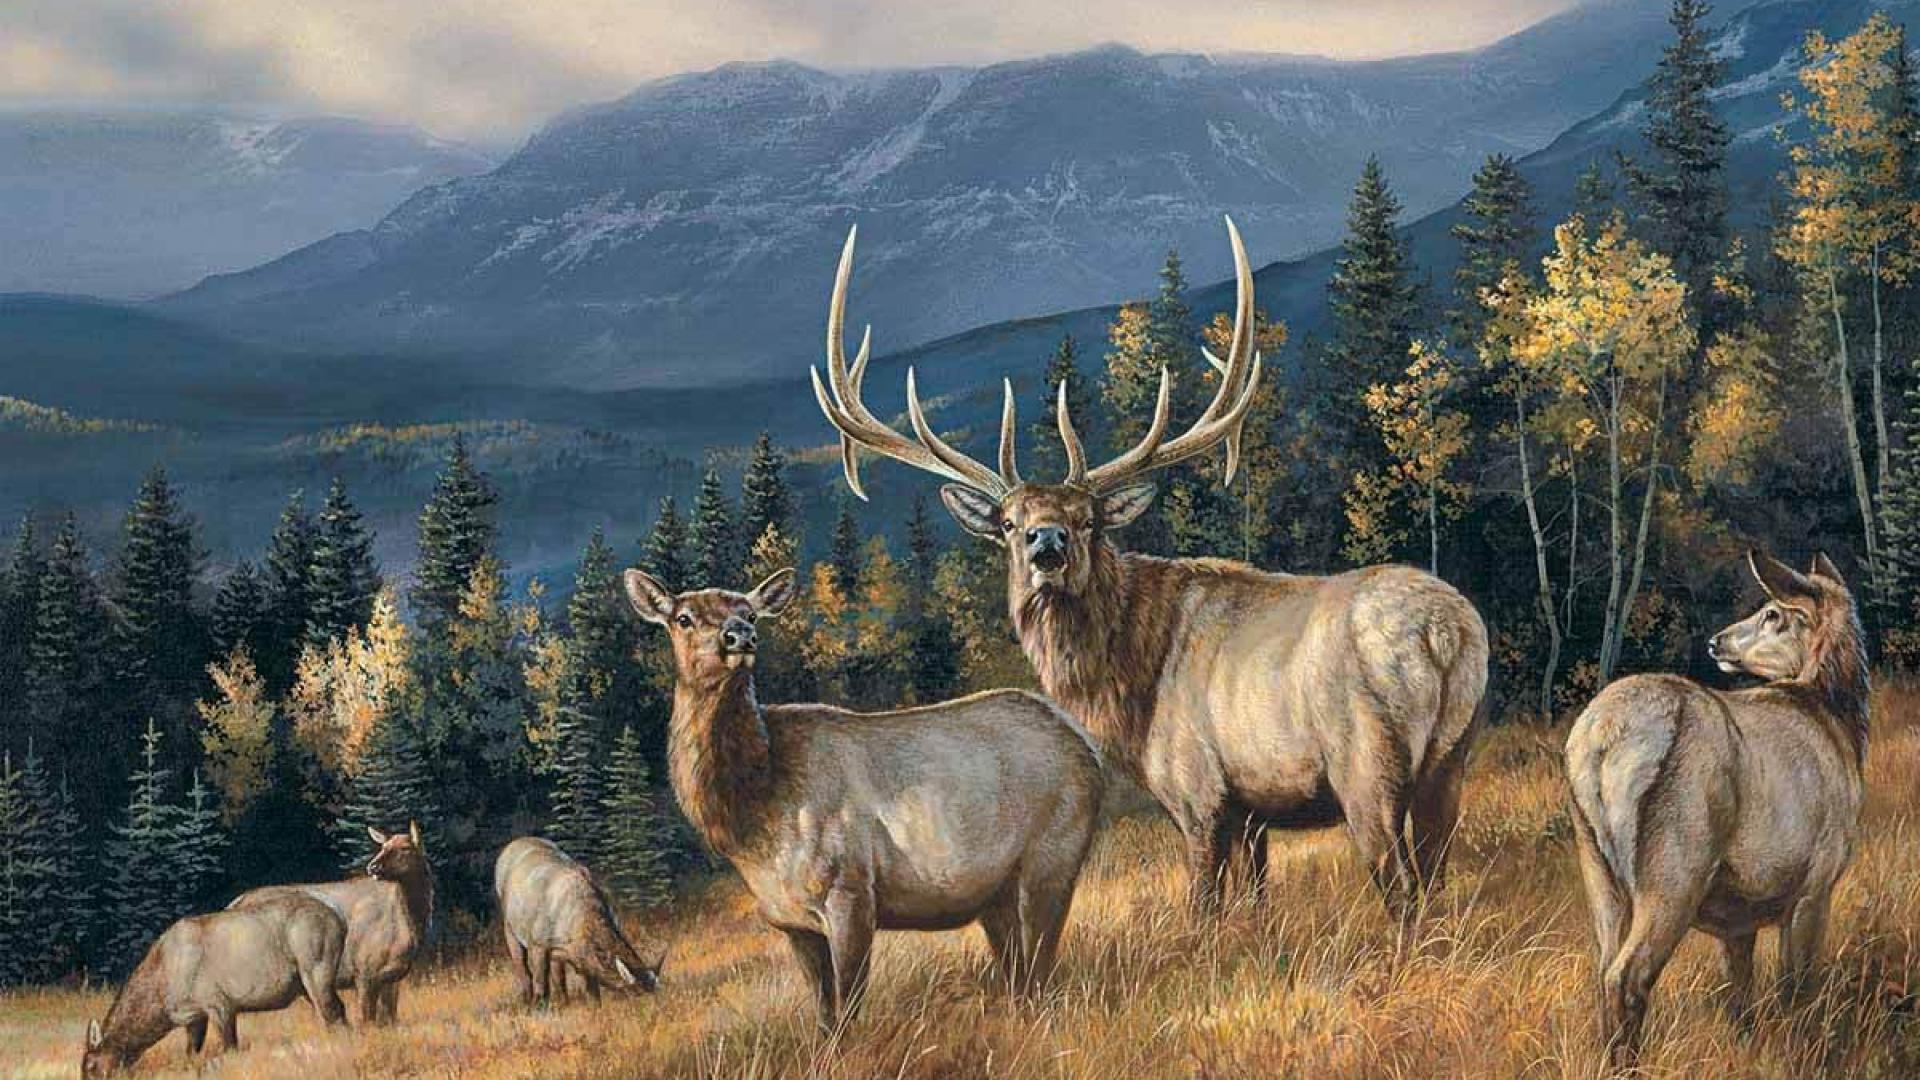 Elk bull wallpaper